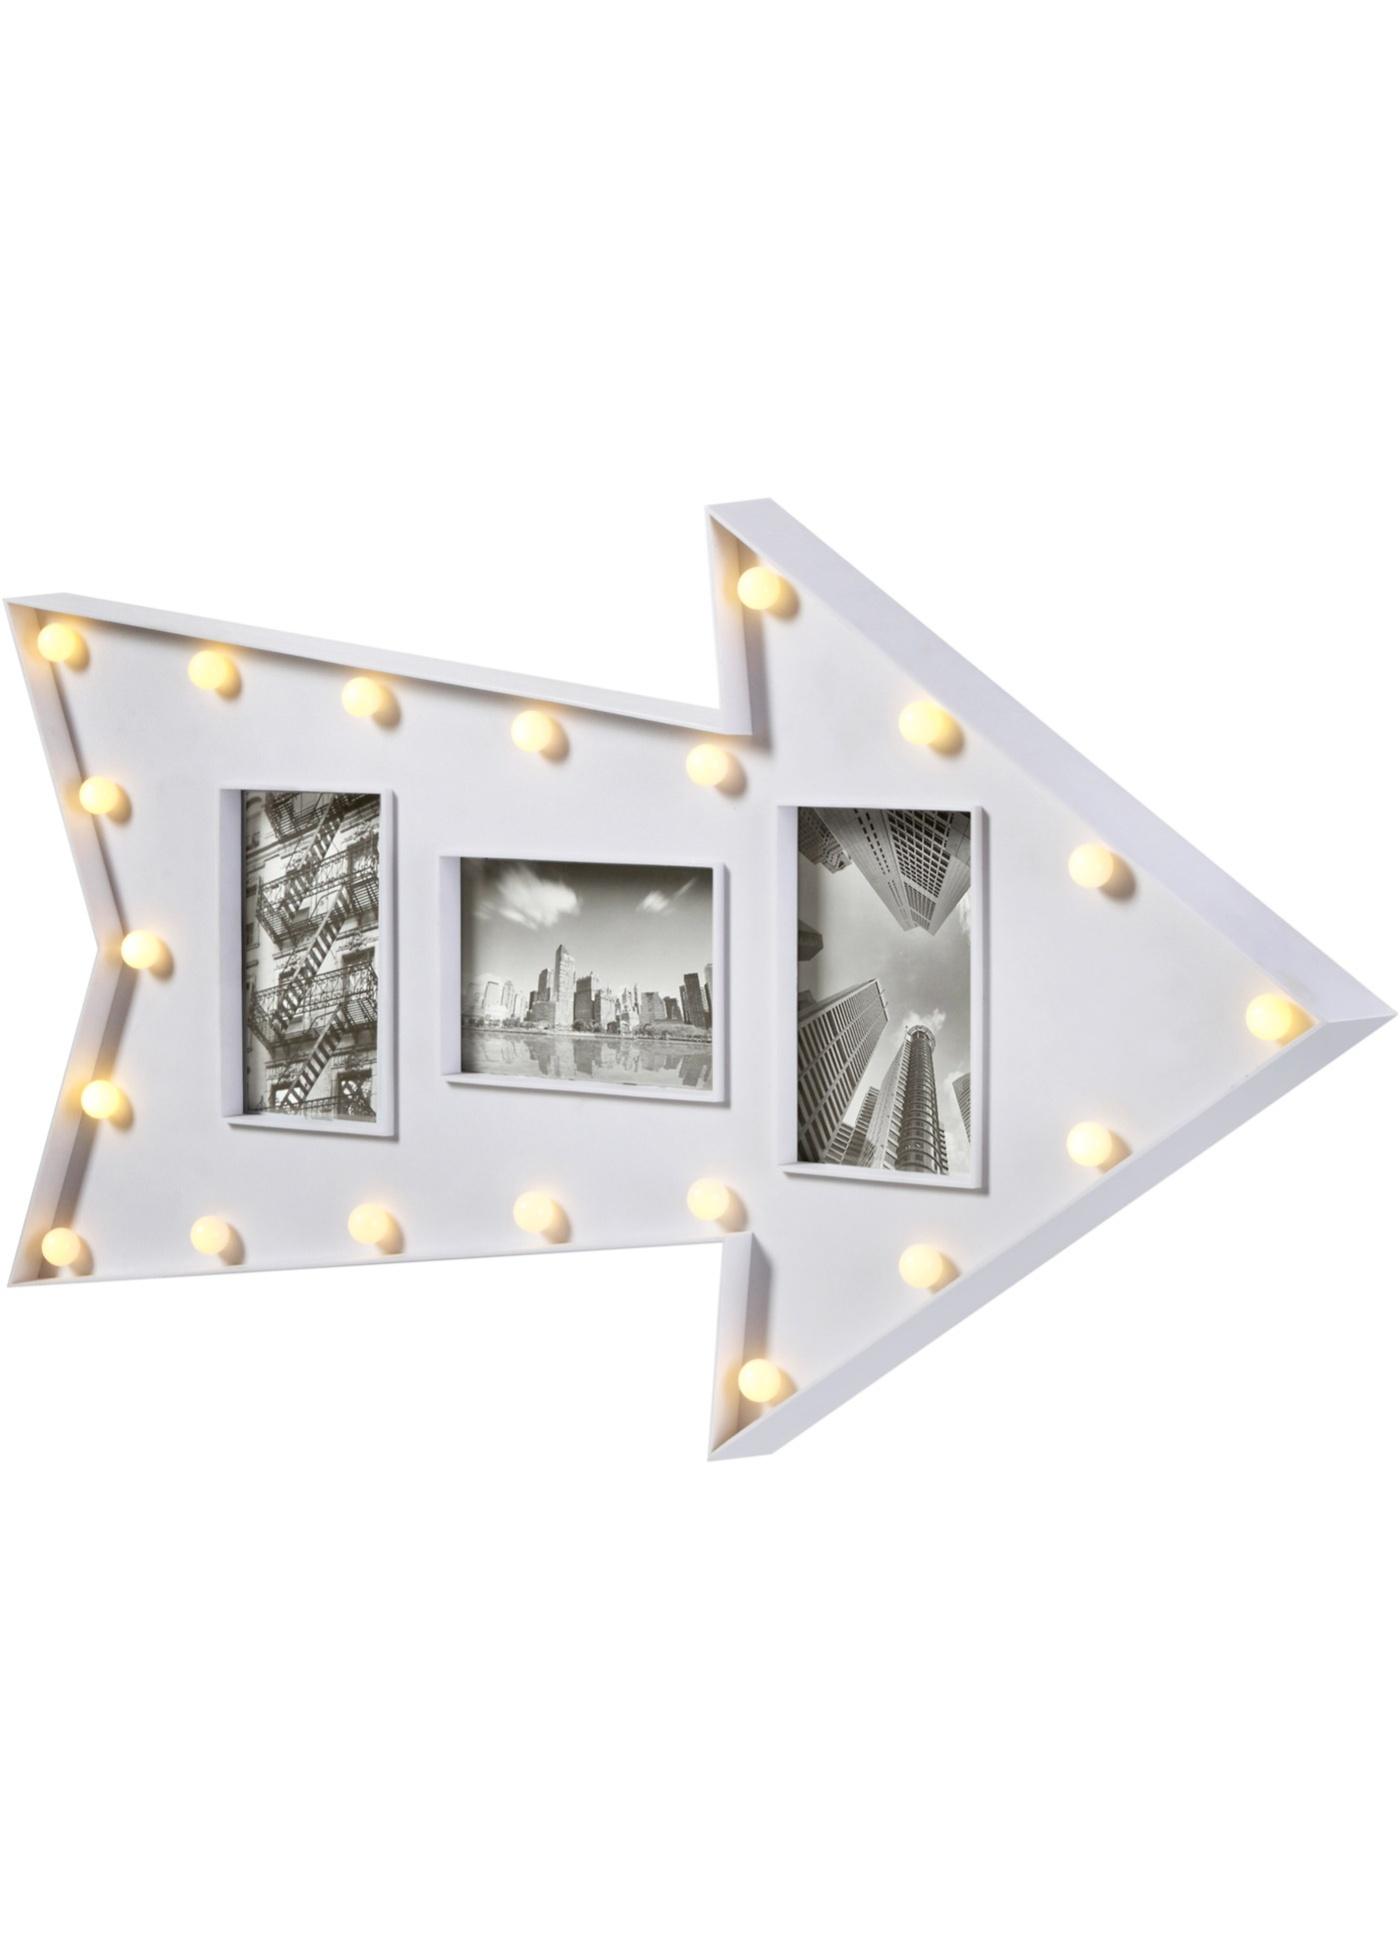 Flèche à LED avec cadres-photos